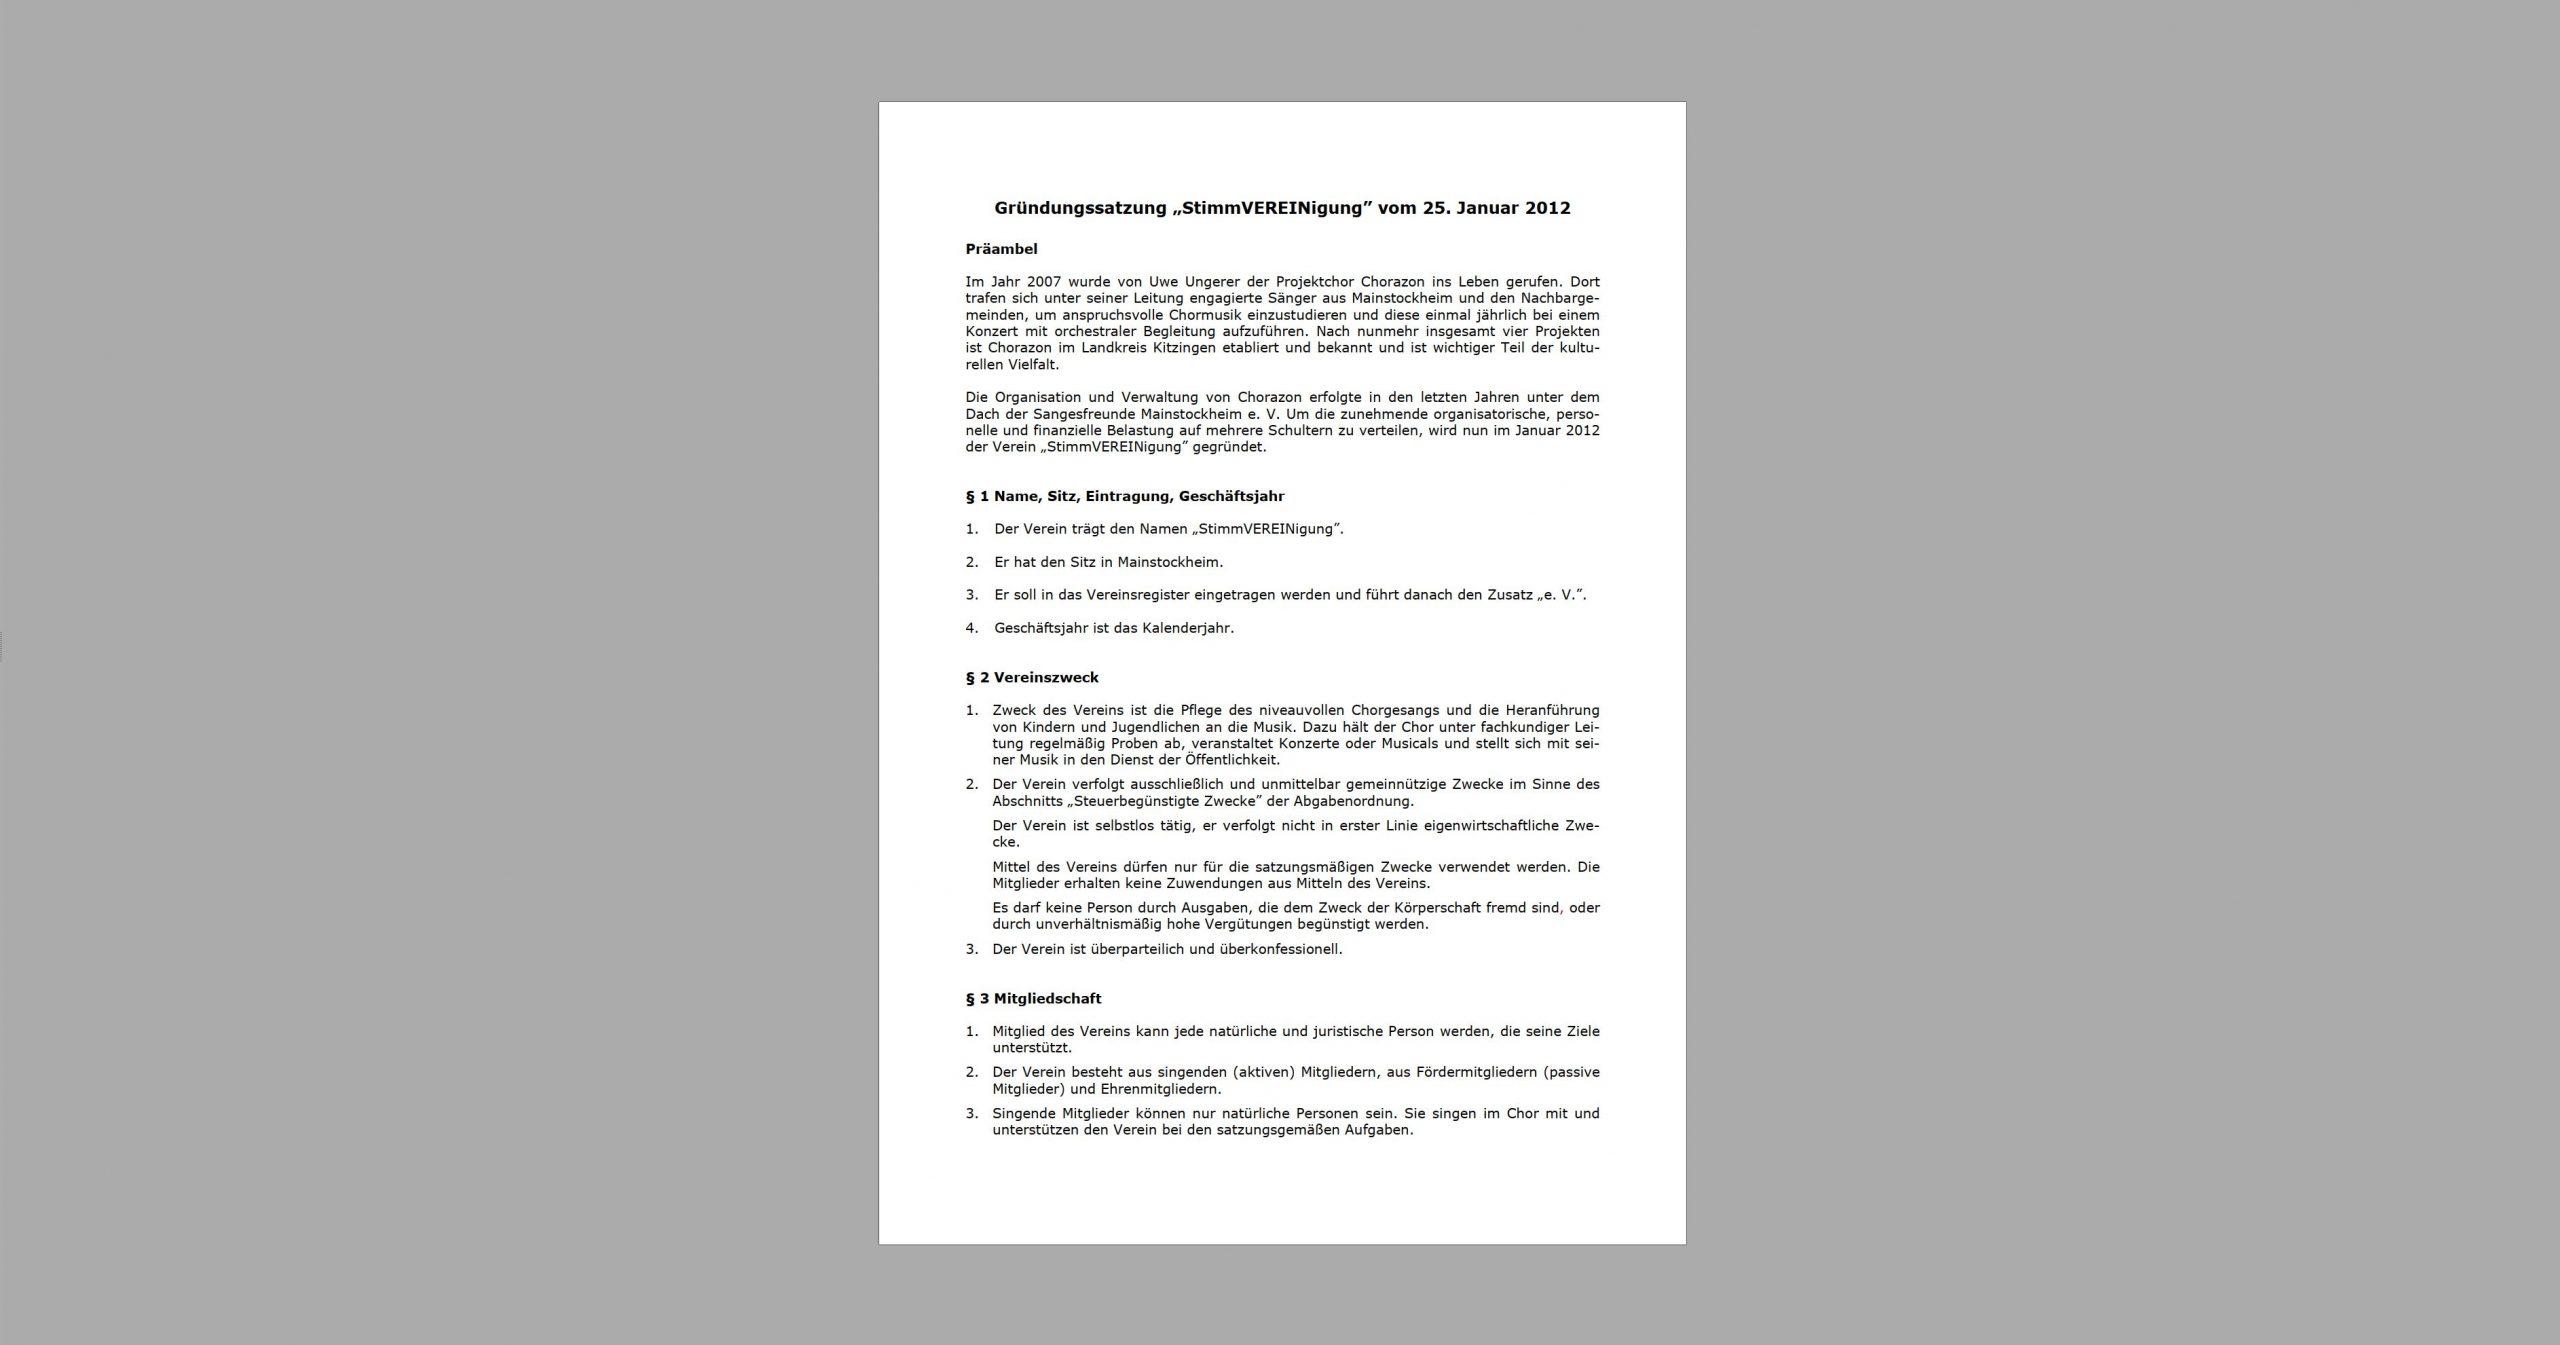 Stimmvereinigung Gründungssatzung - Download